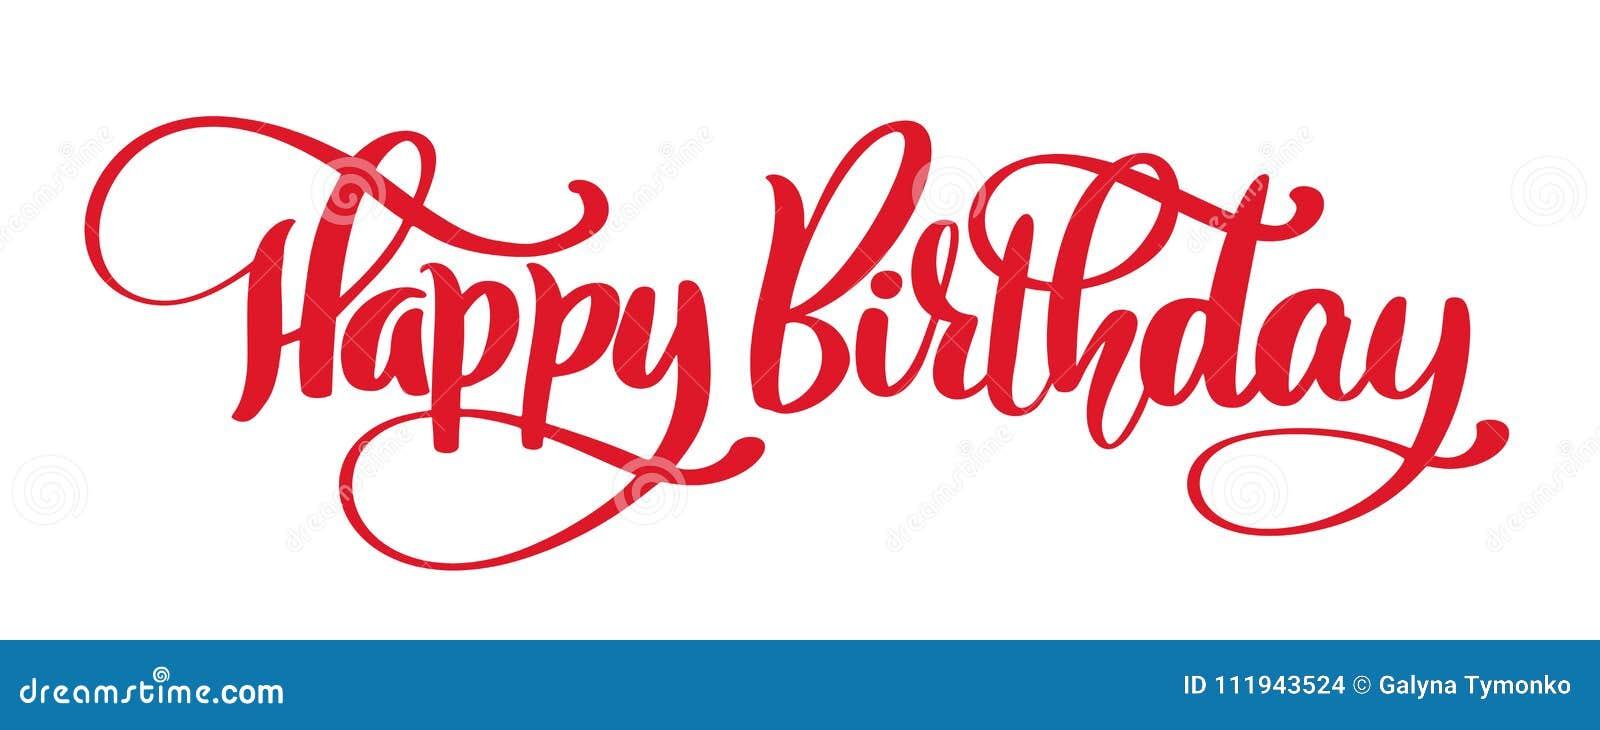 Dragit textuttryck för lycklig födelsedag hand Diagram för kalligrafibokstäverord, tappningkonst för affischer och hälsningkort